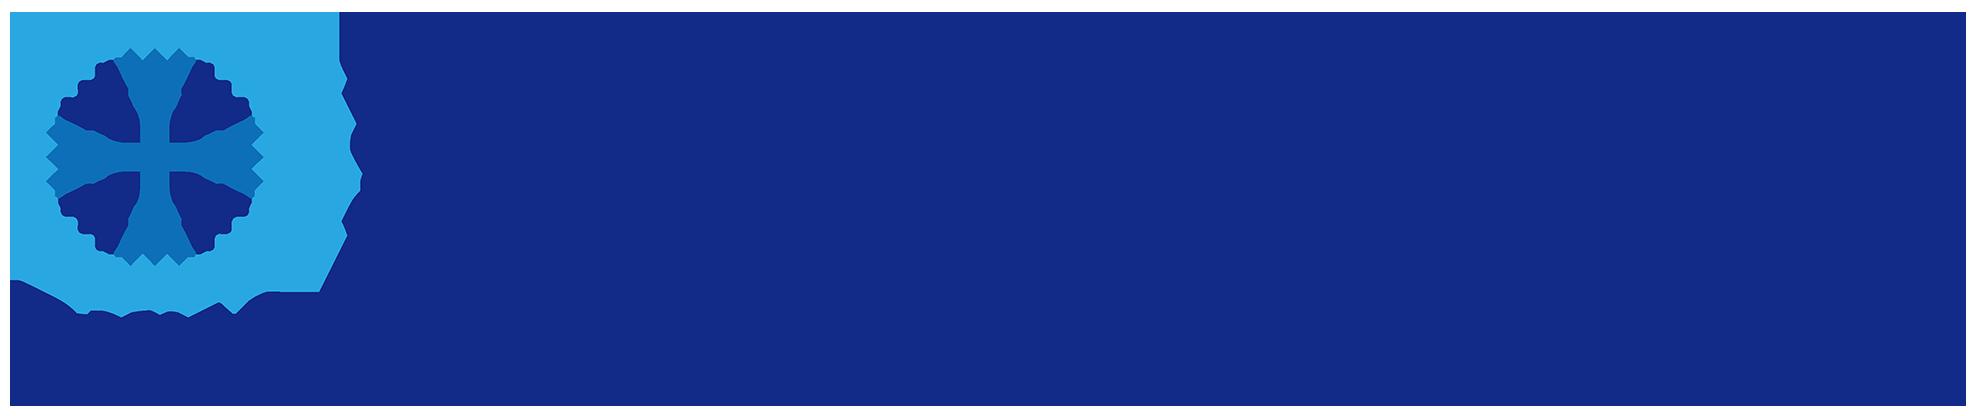 ドラムサークルファシリテーター協会 (DCFA)